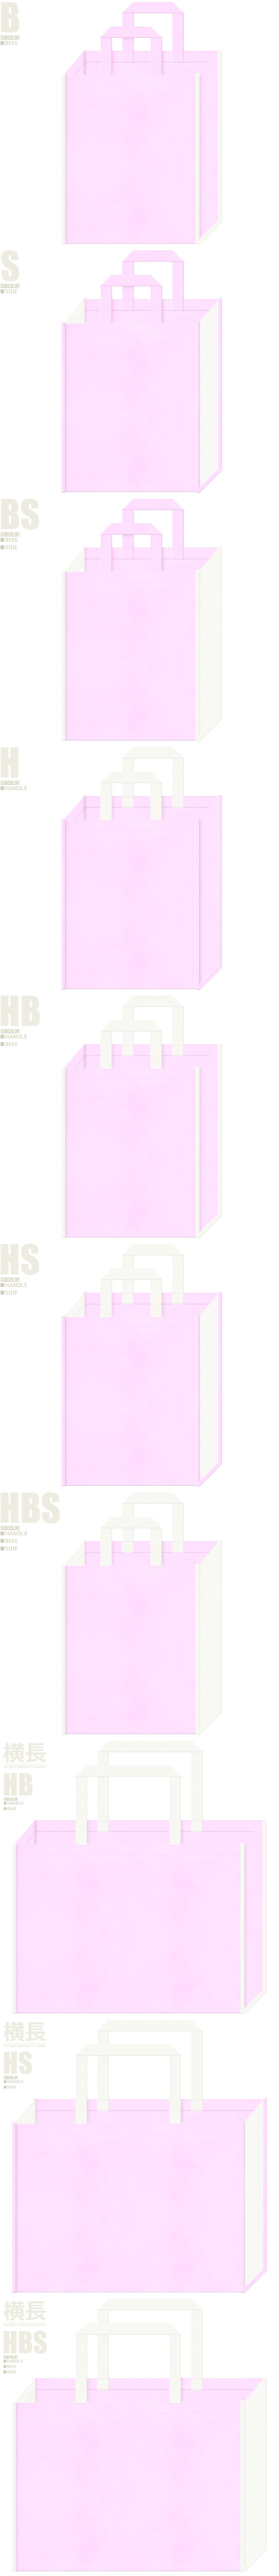 明るめのピンク色とオフホワイト色、7パターンの不織布トートバッグ配色デザイン例。病院・医療実習・医療セミナー・美容セミナーの資料配布用バッグにお奨めです。